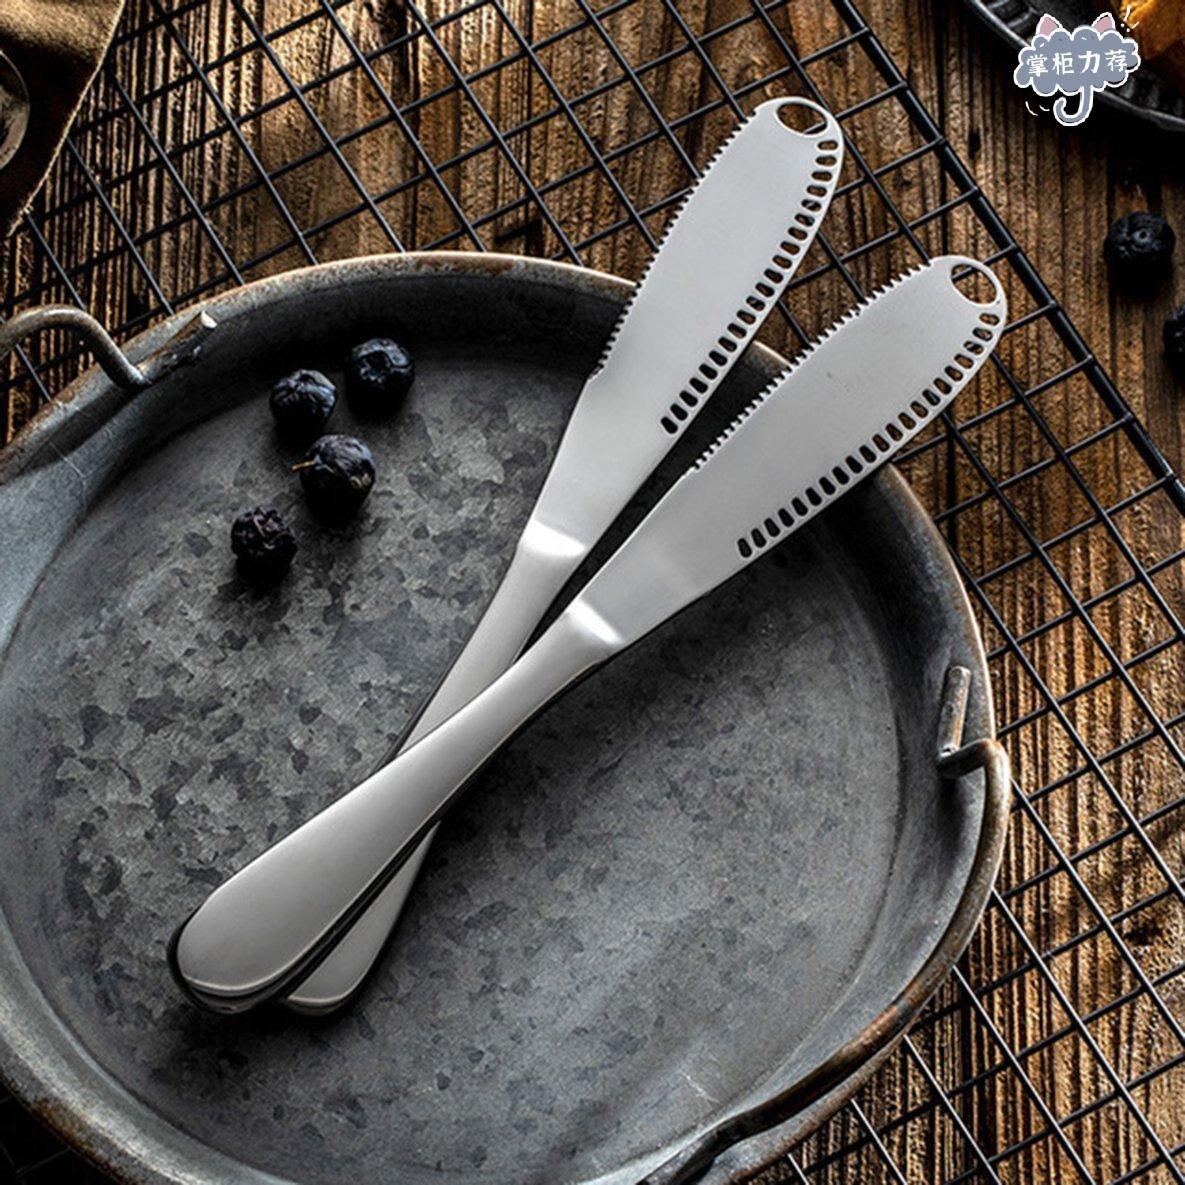 【全館免運】不銹鋼奶酪刀黃油刀切刀叉實用家用新品 上架